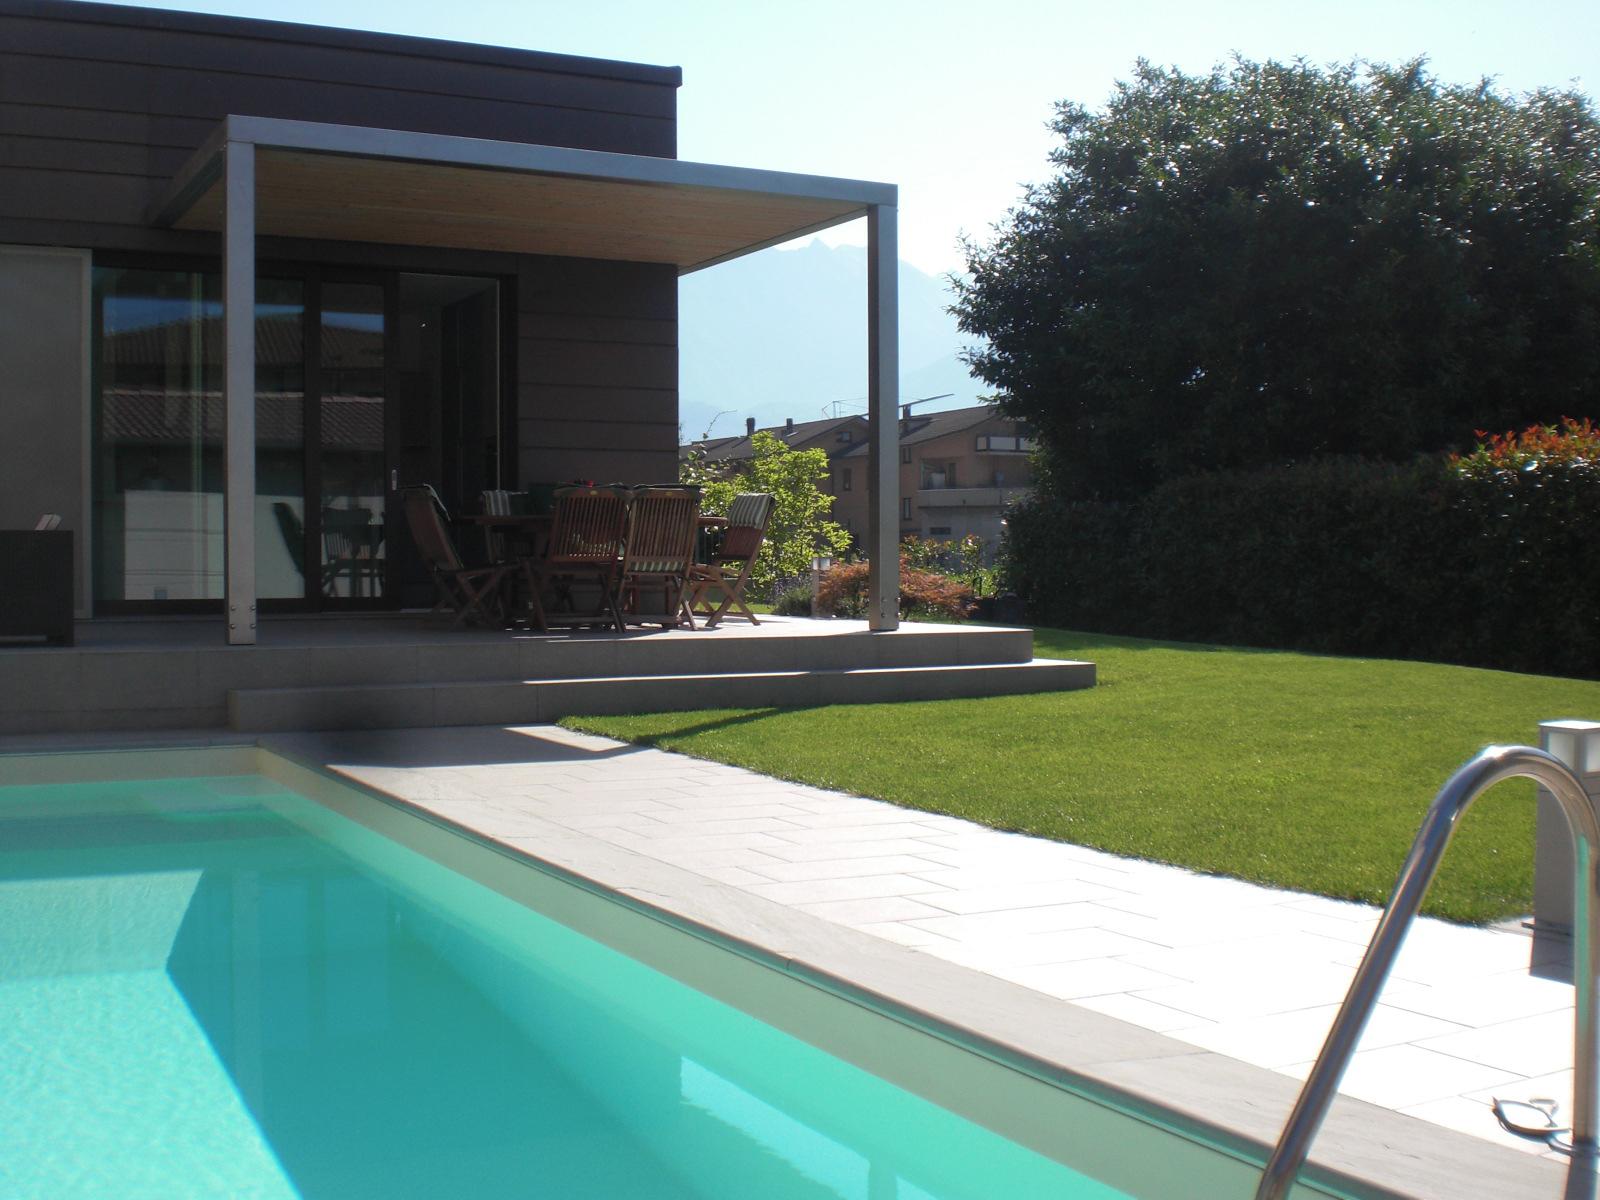 Studio-di-architettura-Baisotti-Sigala-prgetti77